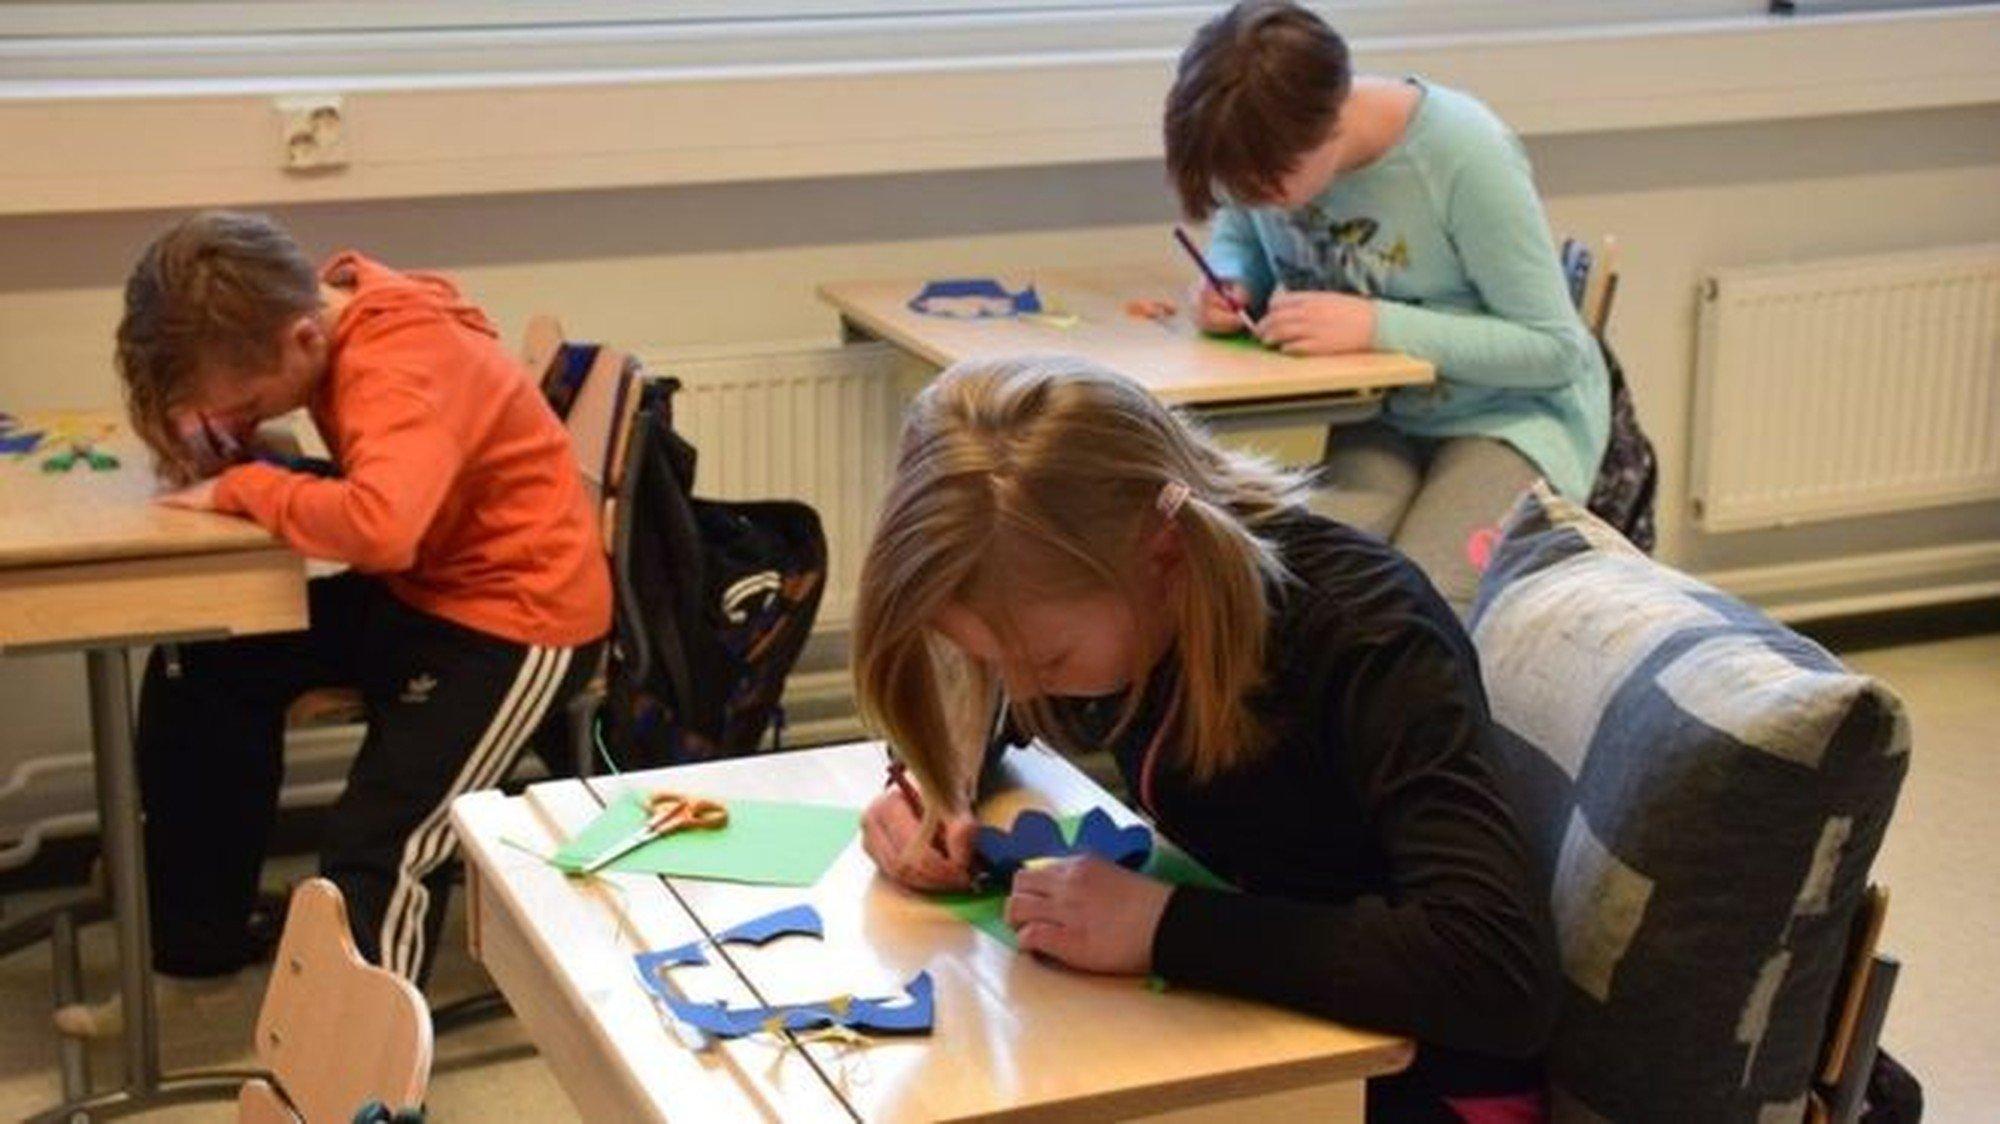 96310012 854515b9 da14 45fb a748 a41fb11c469c.jpg?resize=1200,630 - A educação na Finlândia é o completo oposto do resto do mundo - E por isso é tão eficiente!